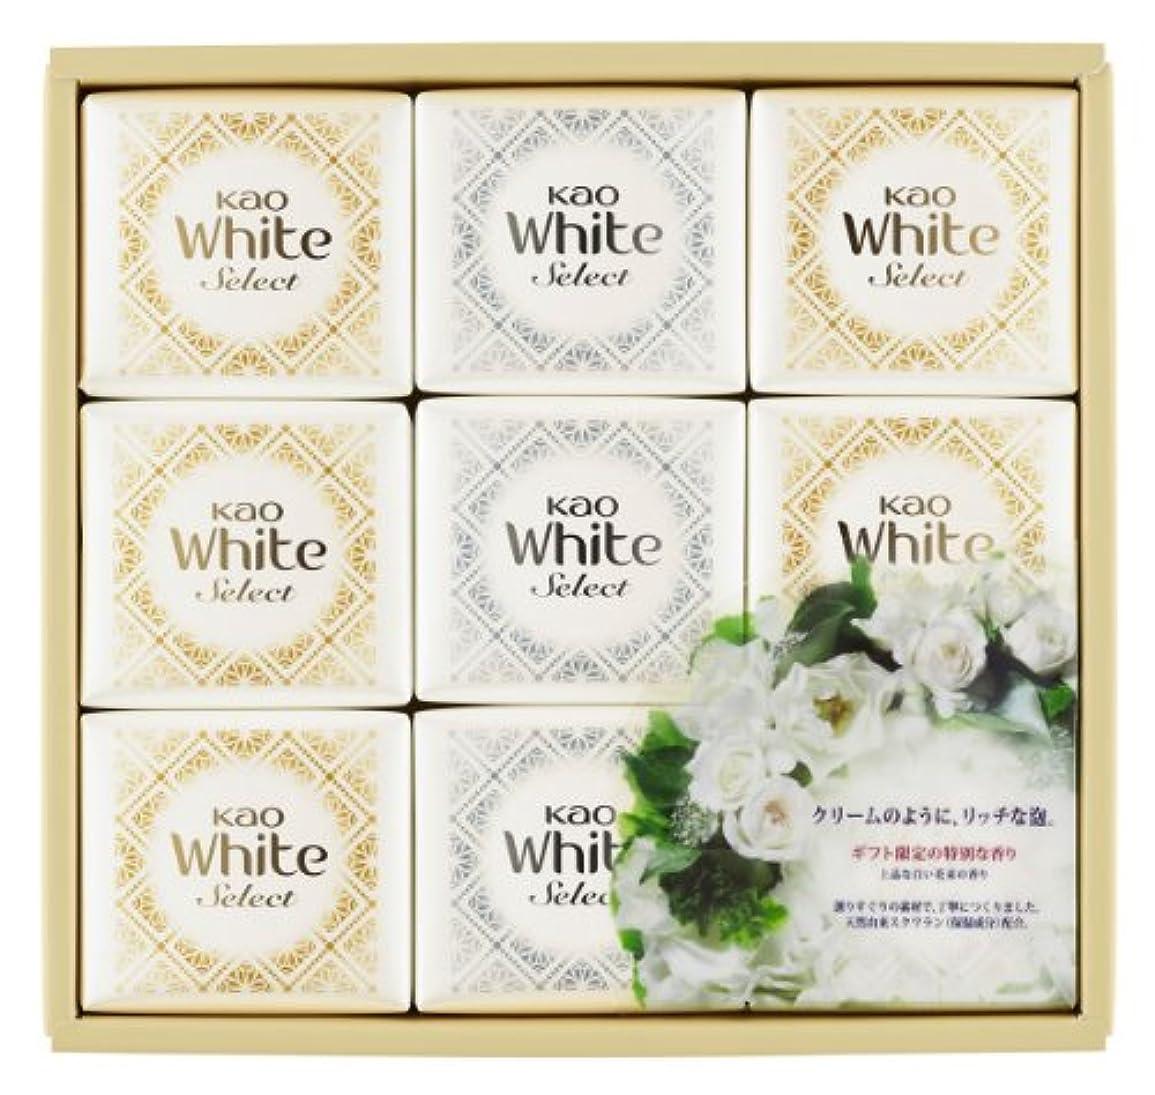 ゆるく契約する鉛筆花王ホワイト セレクト 上品な白い花束の香り 85g 9コ K?WS-15